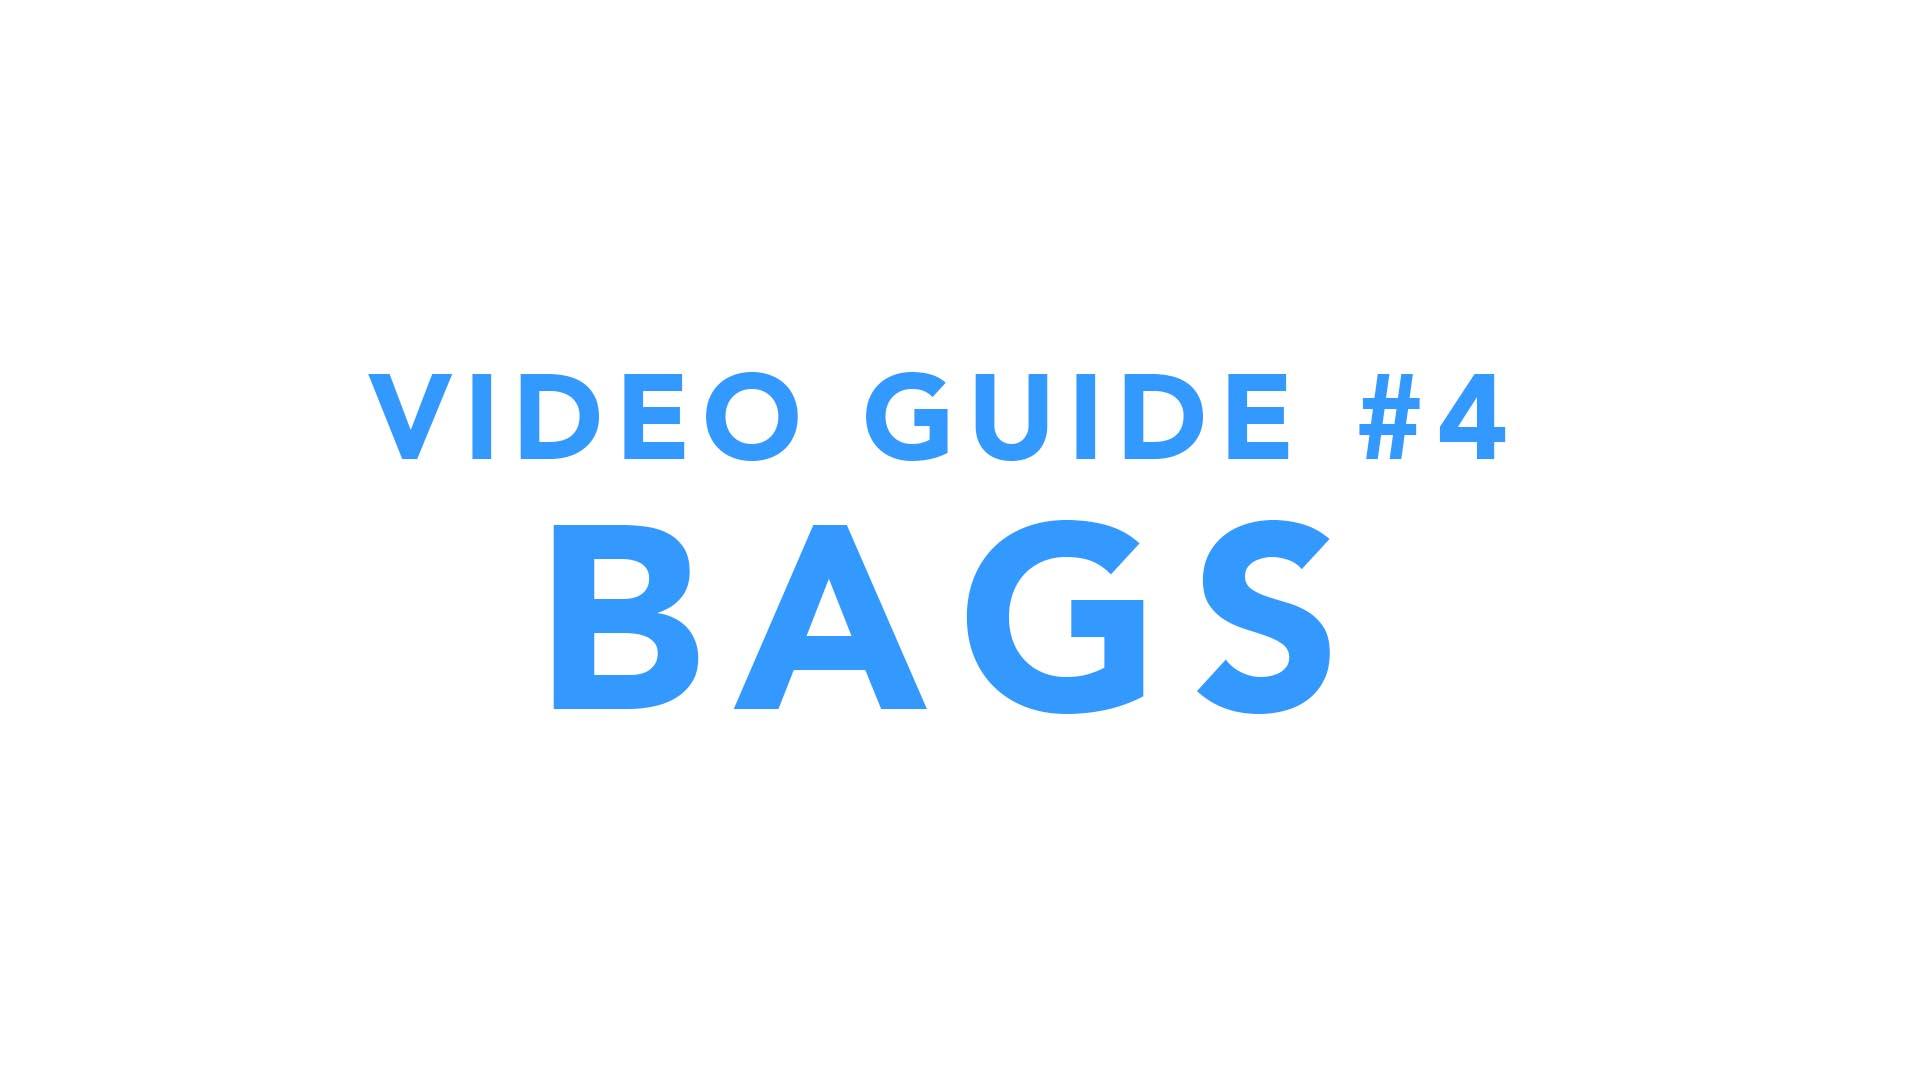 3 BAGS.jpg